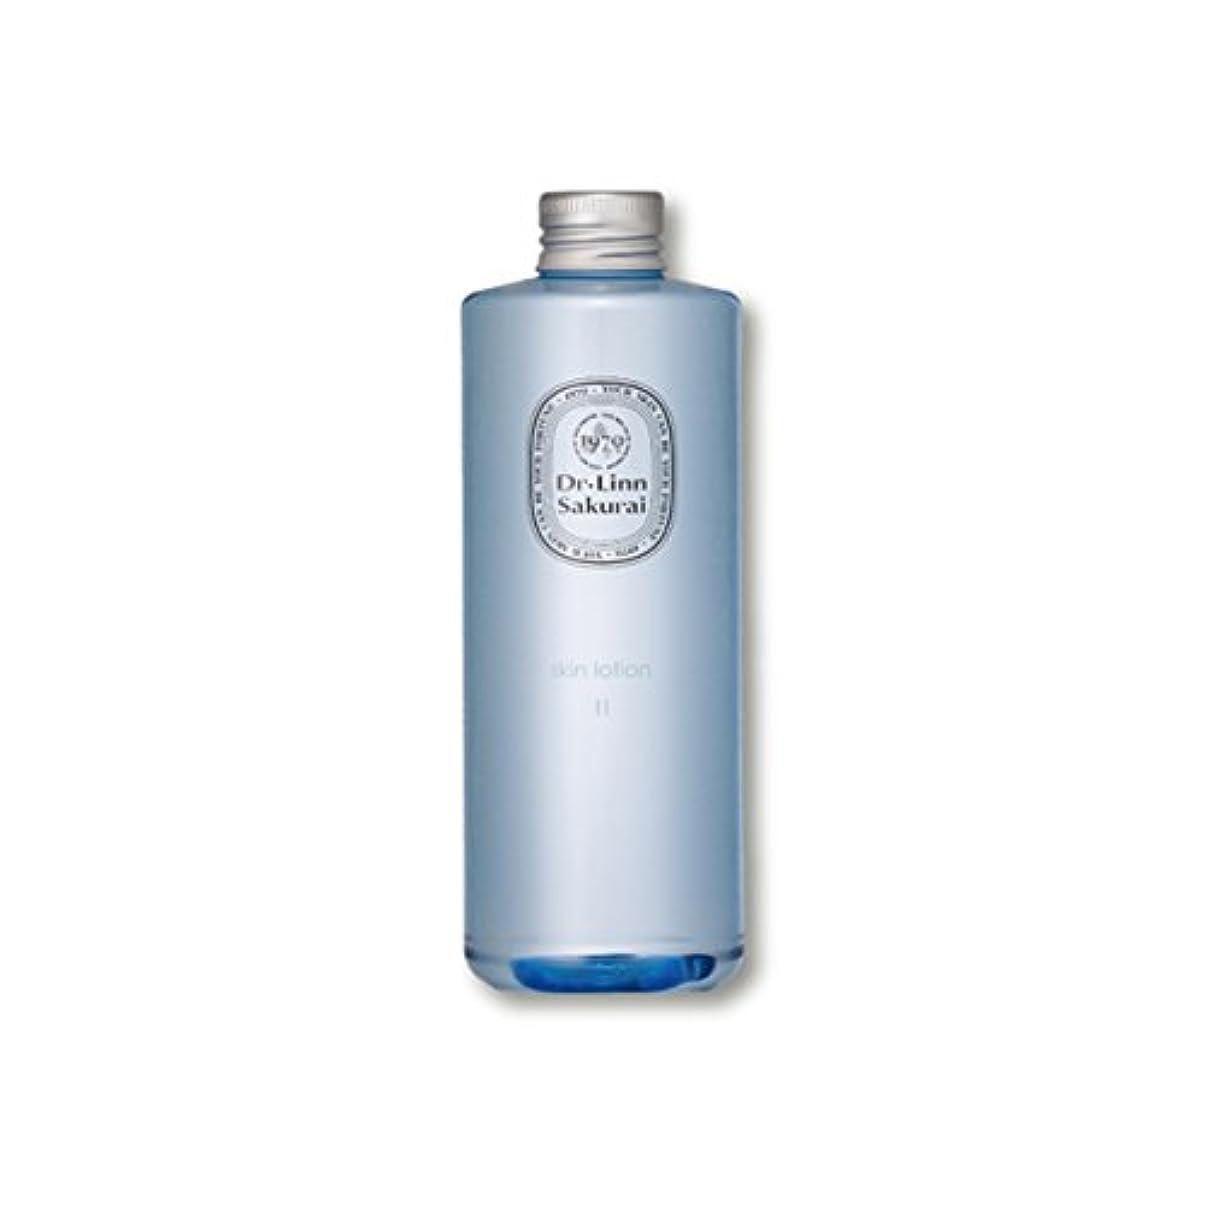 言い換えると広く幼児ドクターリンサクライ スキンローションII しっとりタイプ 300ml  (化粧水)